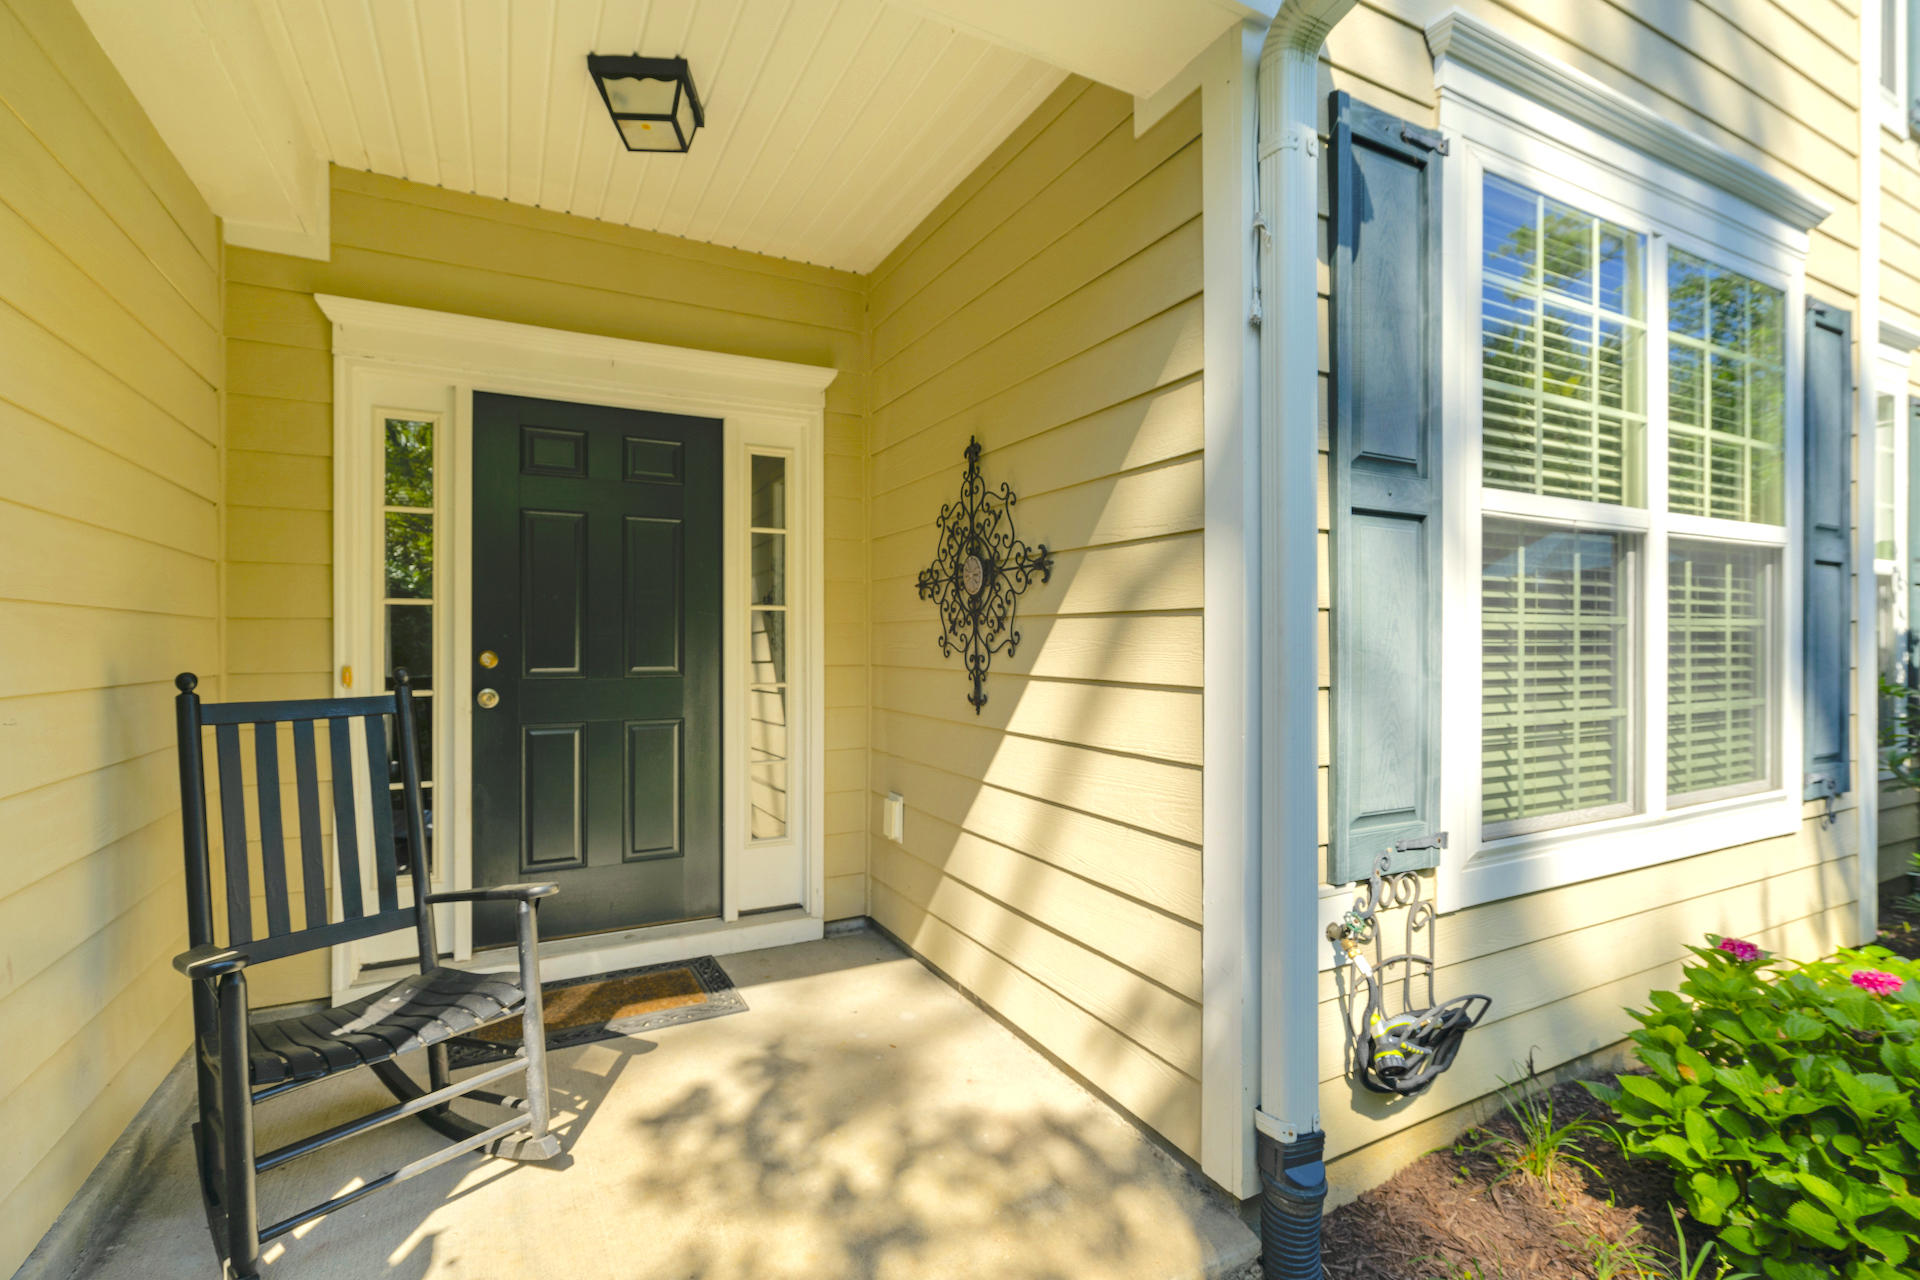 Park West Homes For Sale - 3061 Park West, Mount Pleasant, SC - 15